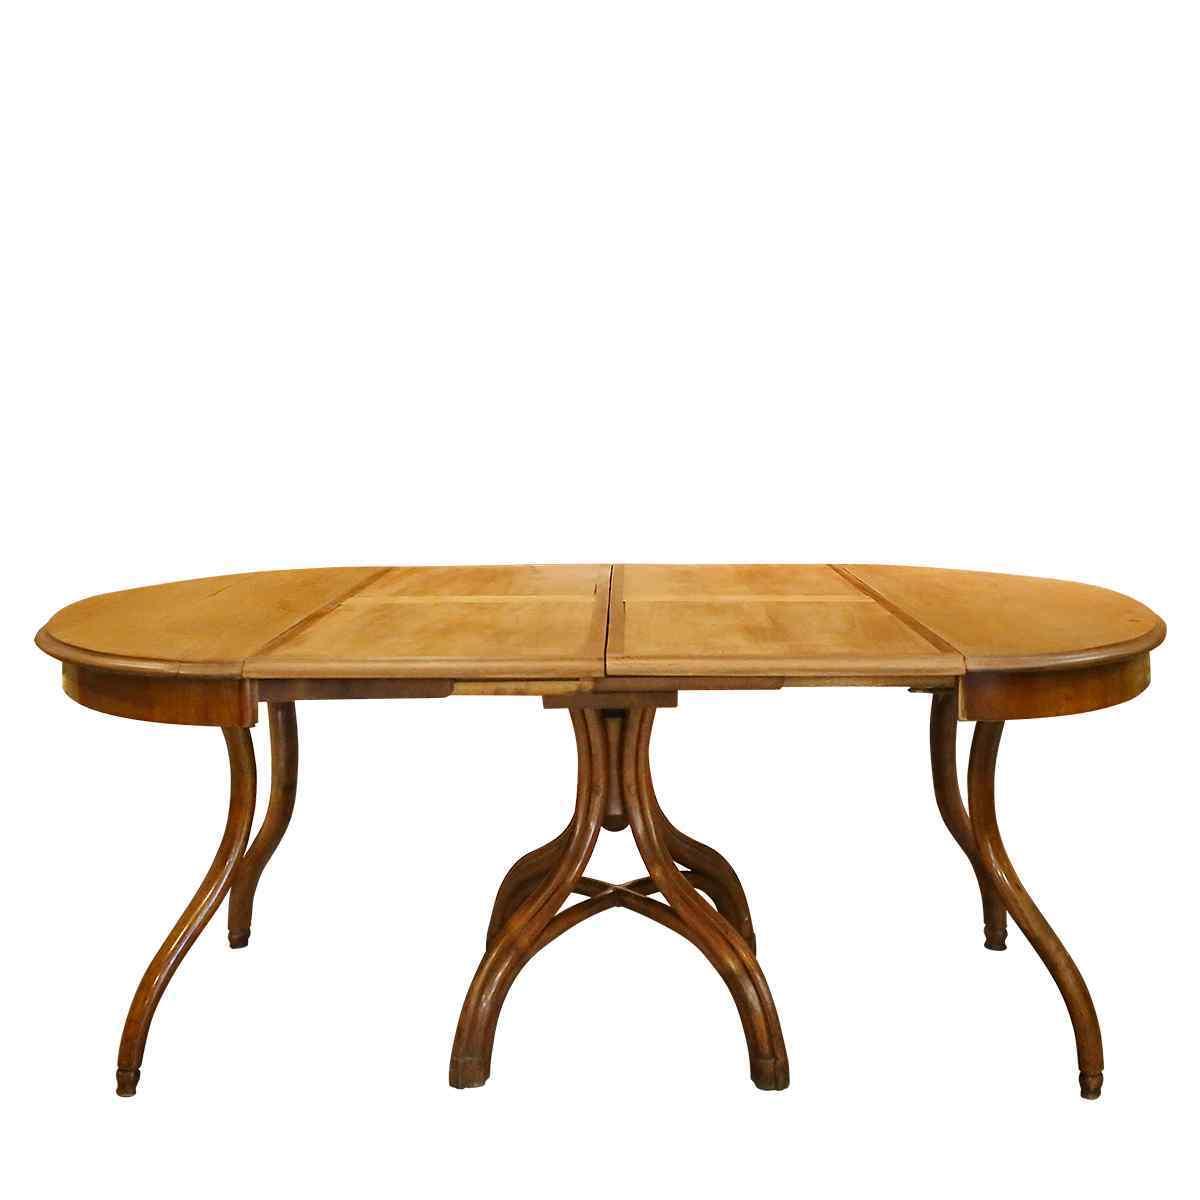 Table à rallonges Thonet